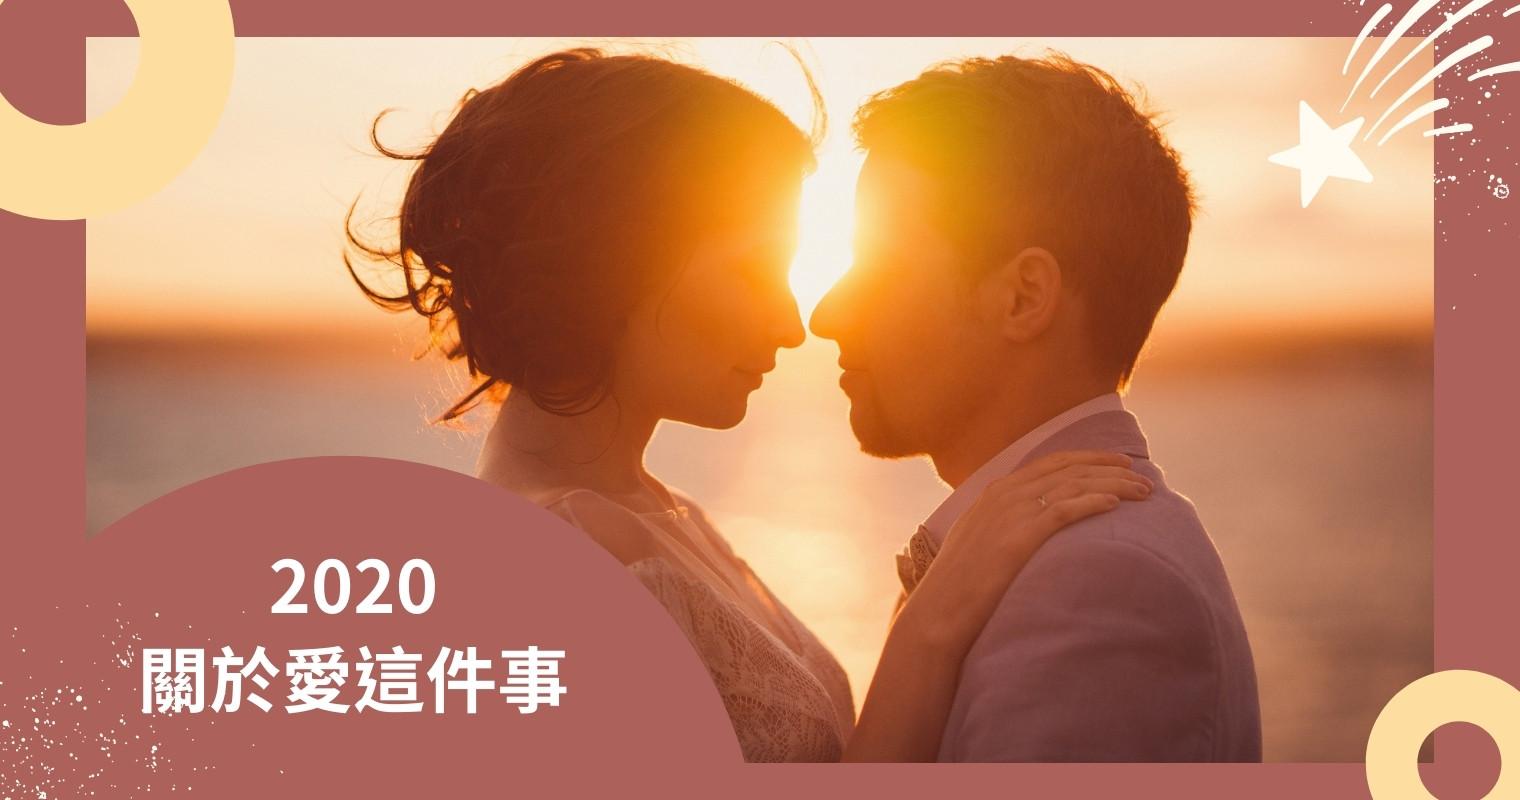 兩性關係 2020關於愛這件事